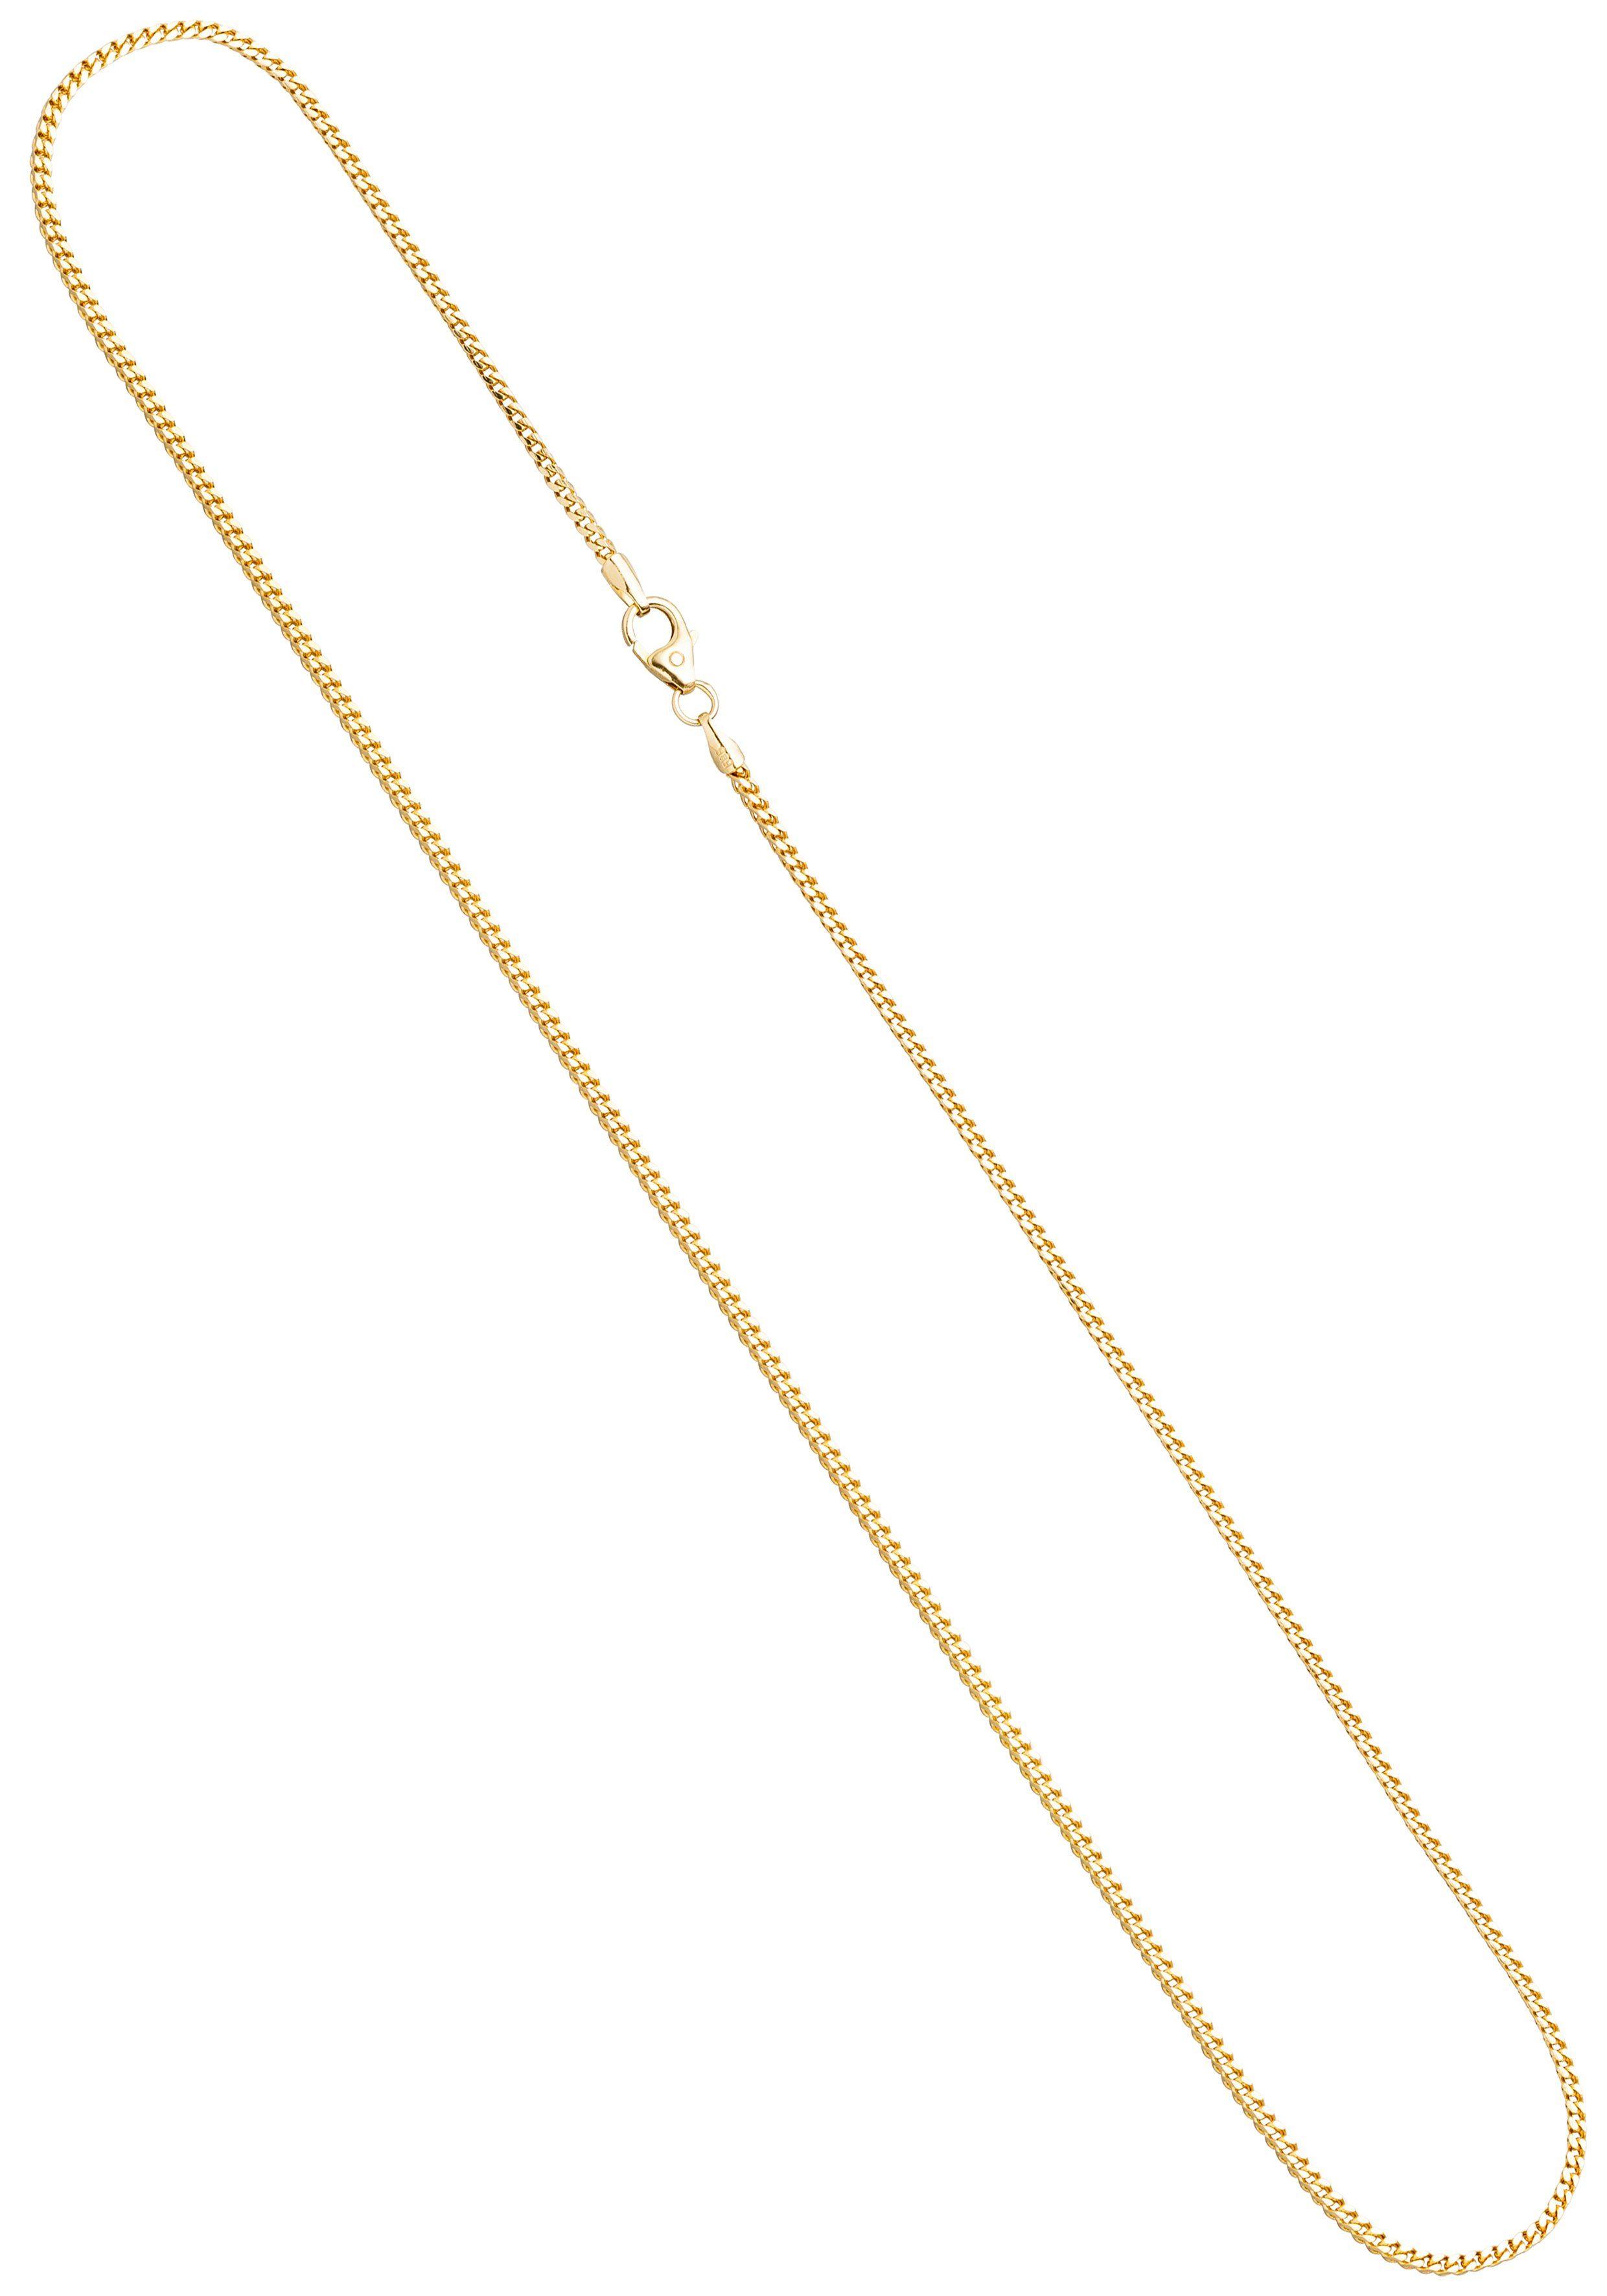 JOBO Goldkette »Bingokette« Bingokette 585 Gold 42 cm 1,5 mm